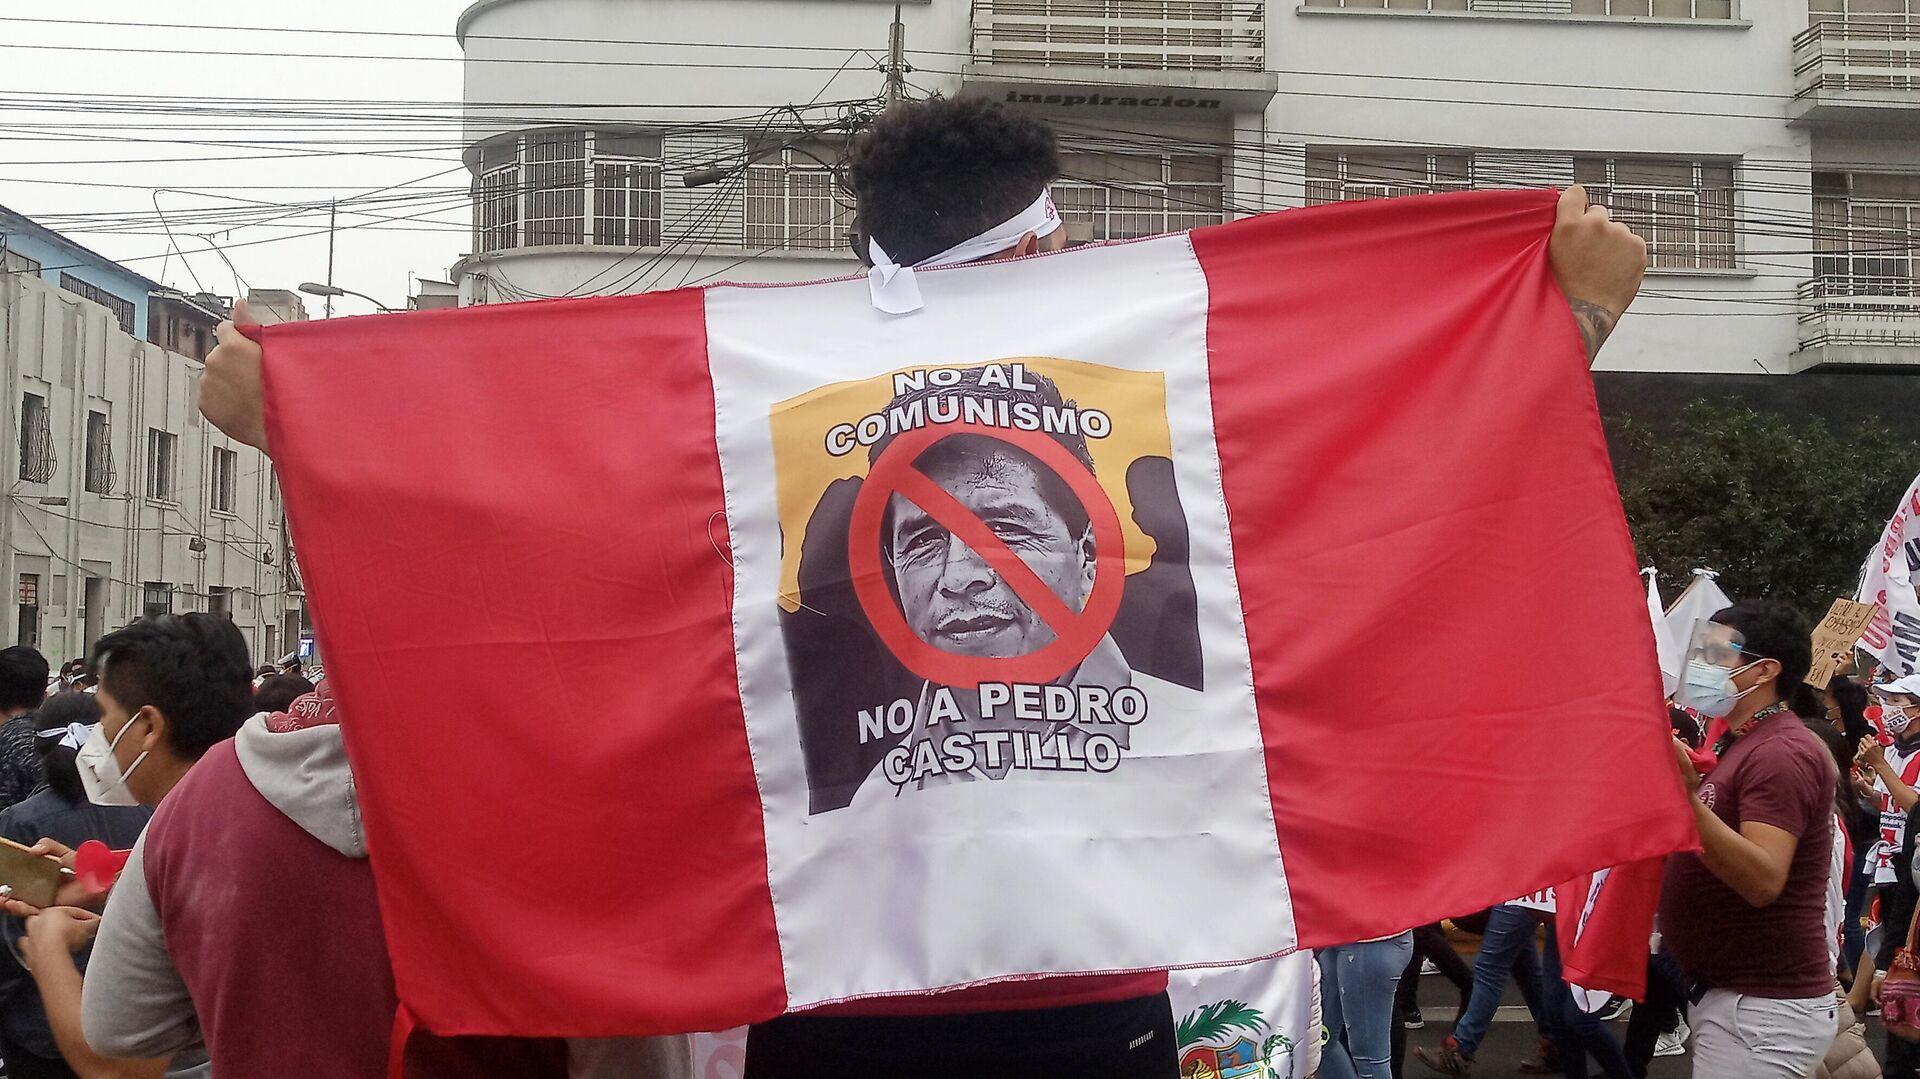 Marcha contra el comunismo y Castillo en Lima - Sputnik Mundo, 1920, 30.05.2021